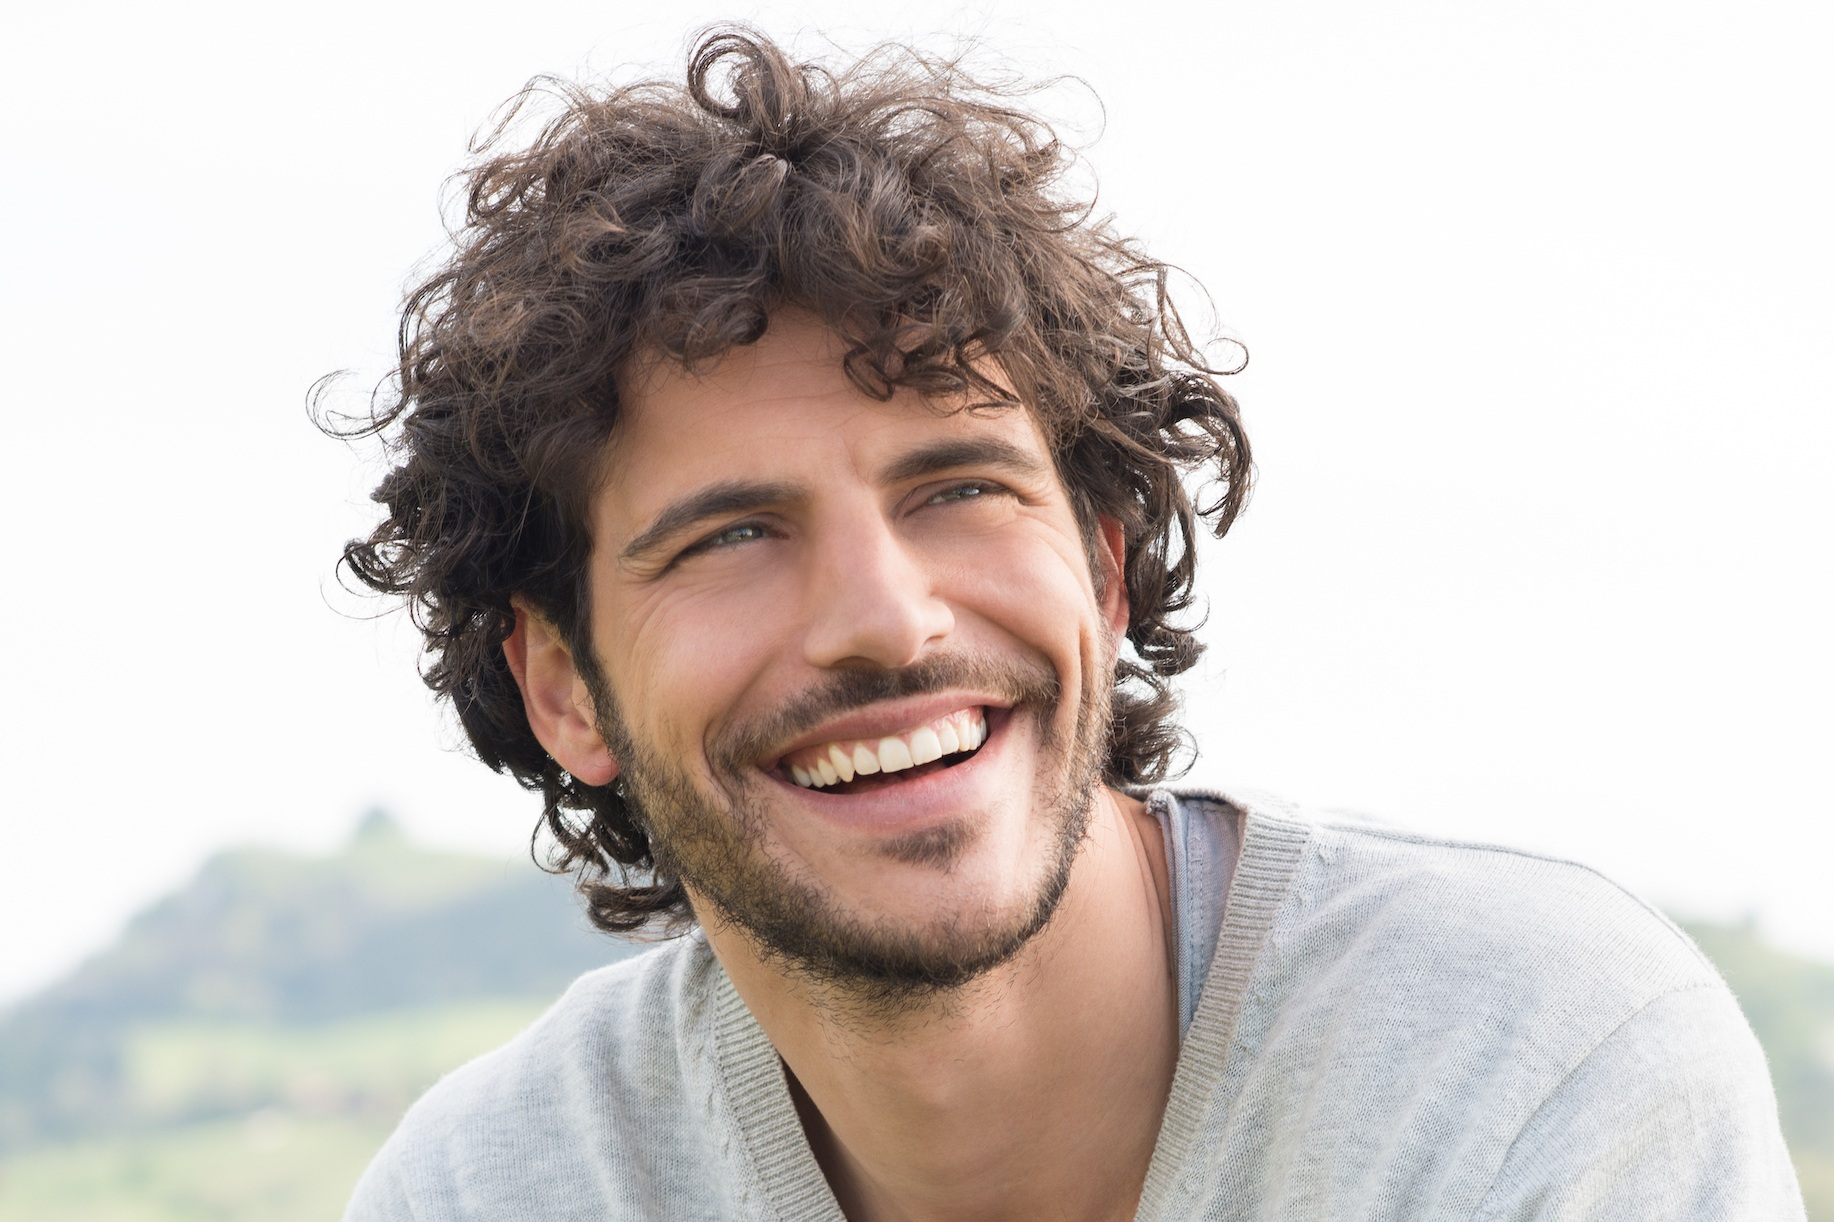 Man_Smiling.jpg